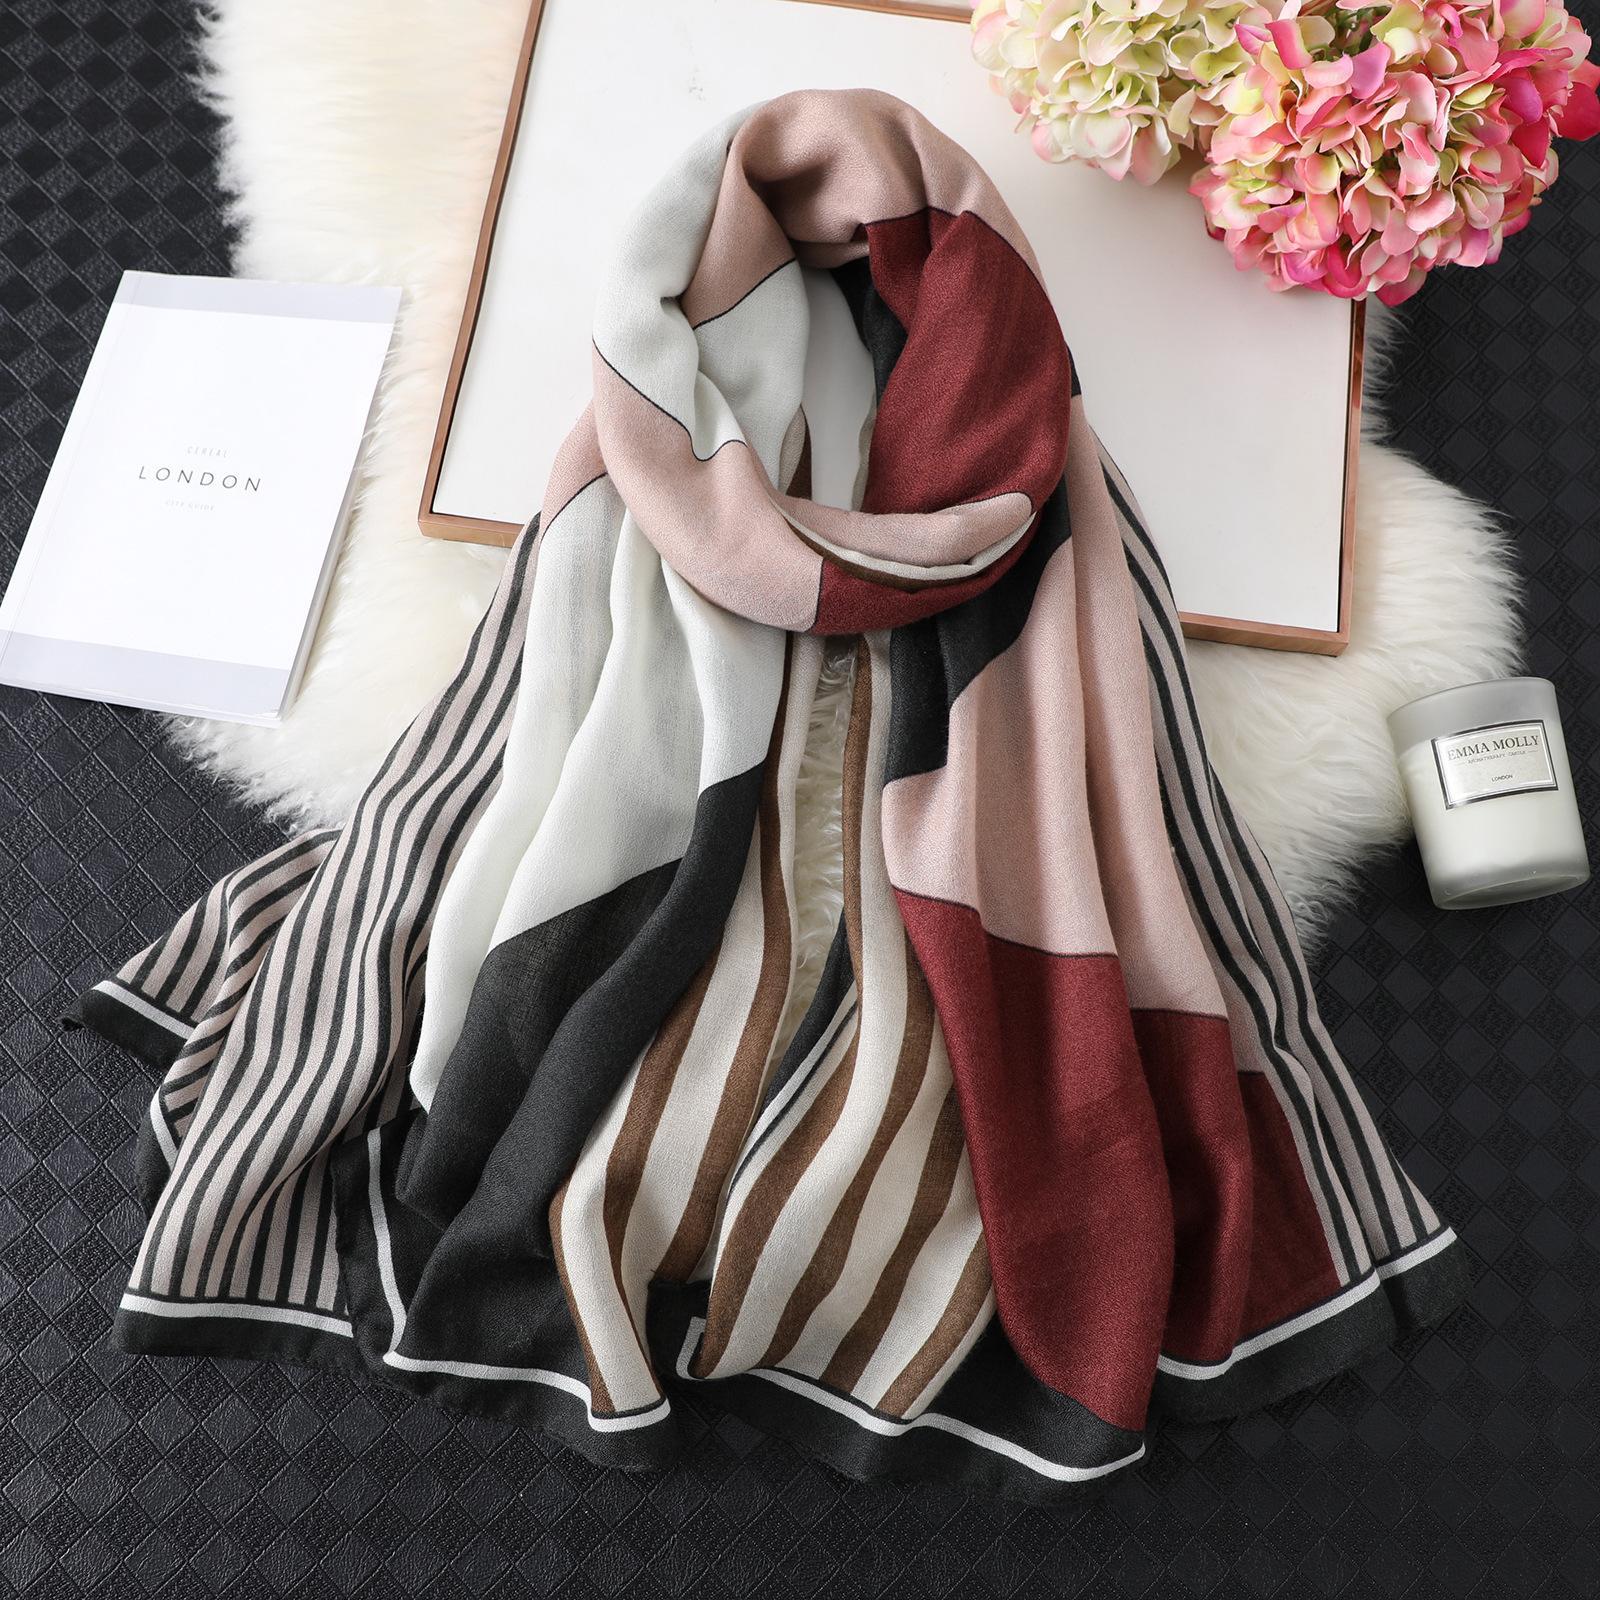 Spring New De Nouvelle Silk Femme Super Grand Écharpe à rayures à rayures de la mode peut être utilisée pendant quatre saisons Trains de Travel Châle des femmes